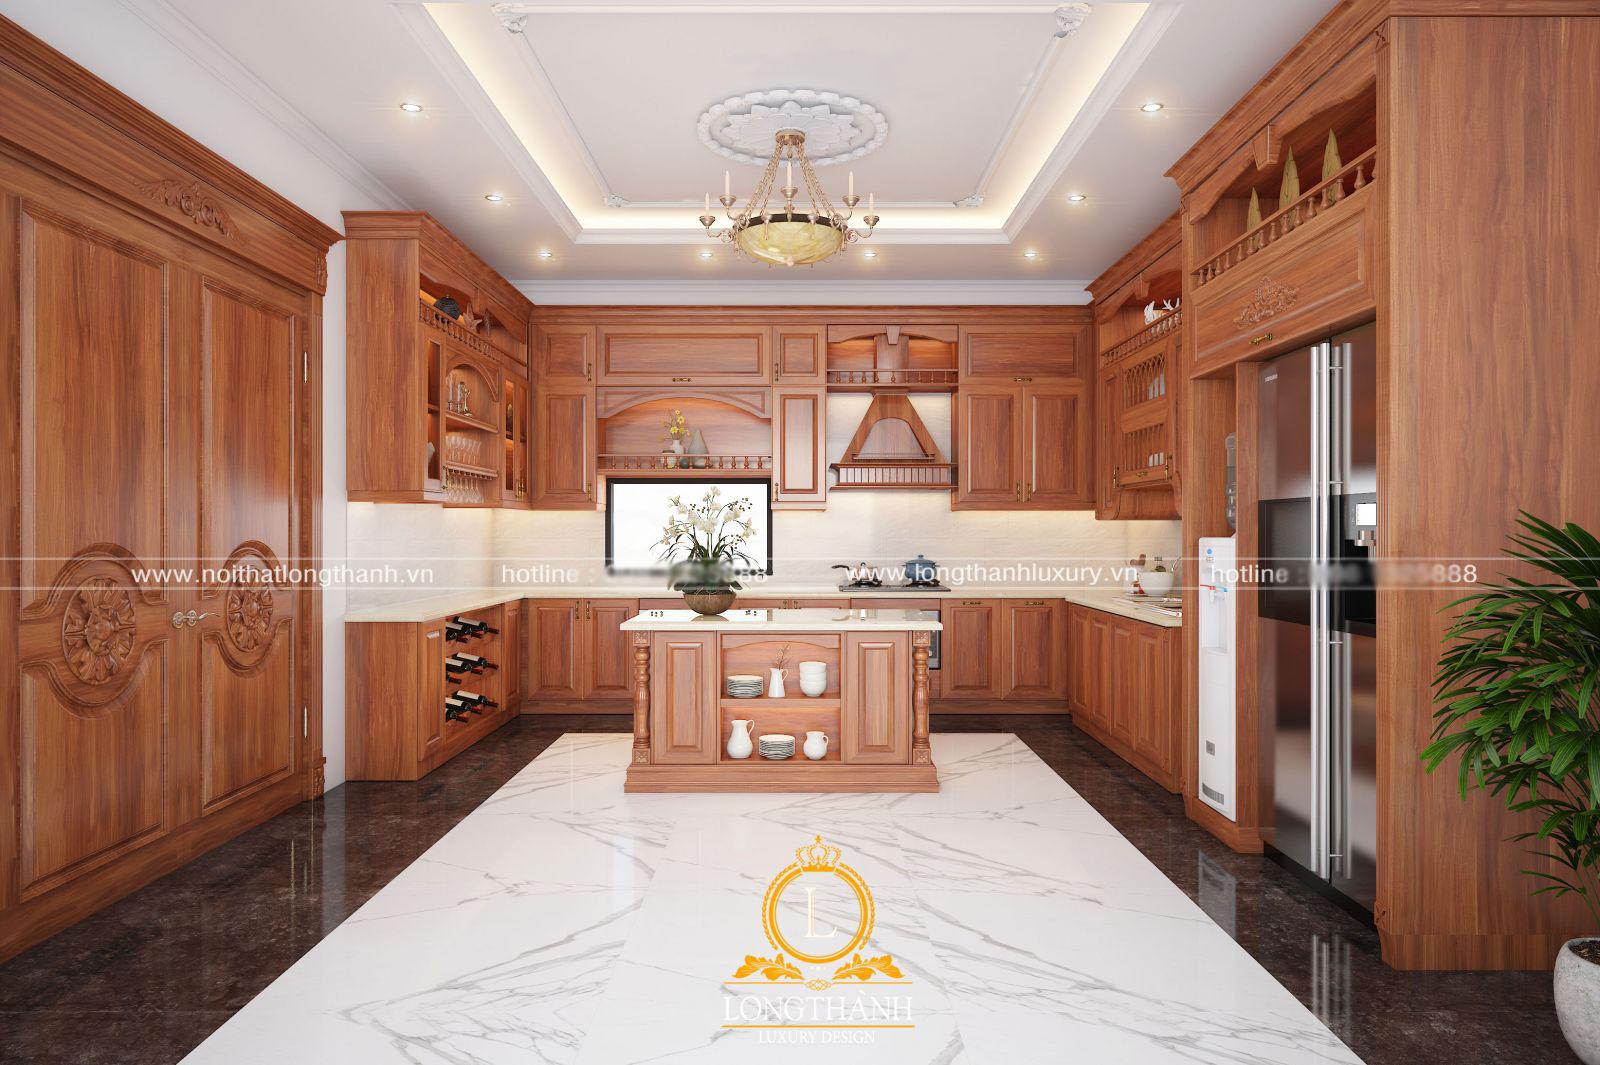 Mẫu tủ bếp Tân cổ điển bằng gỗ gõ đỏ kết hợp bàn đảo cho không gian thêm tiện nghi, sang trọng